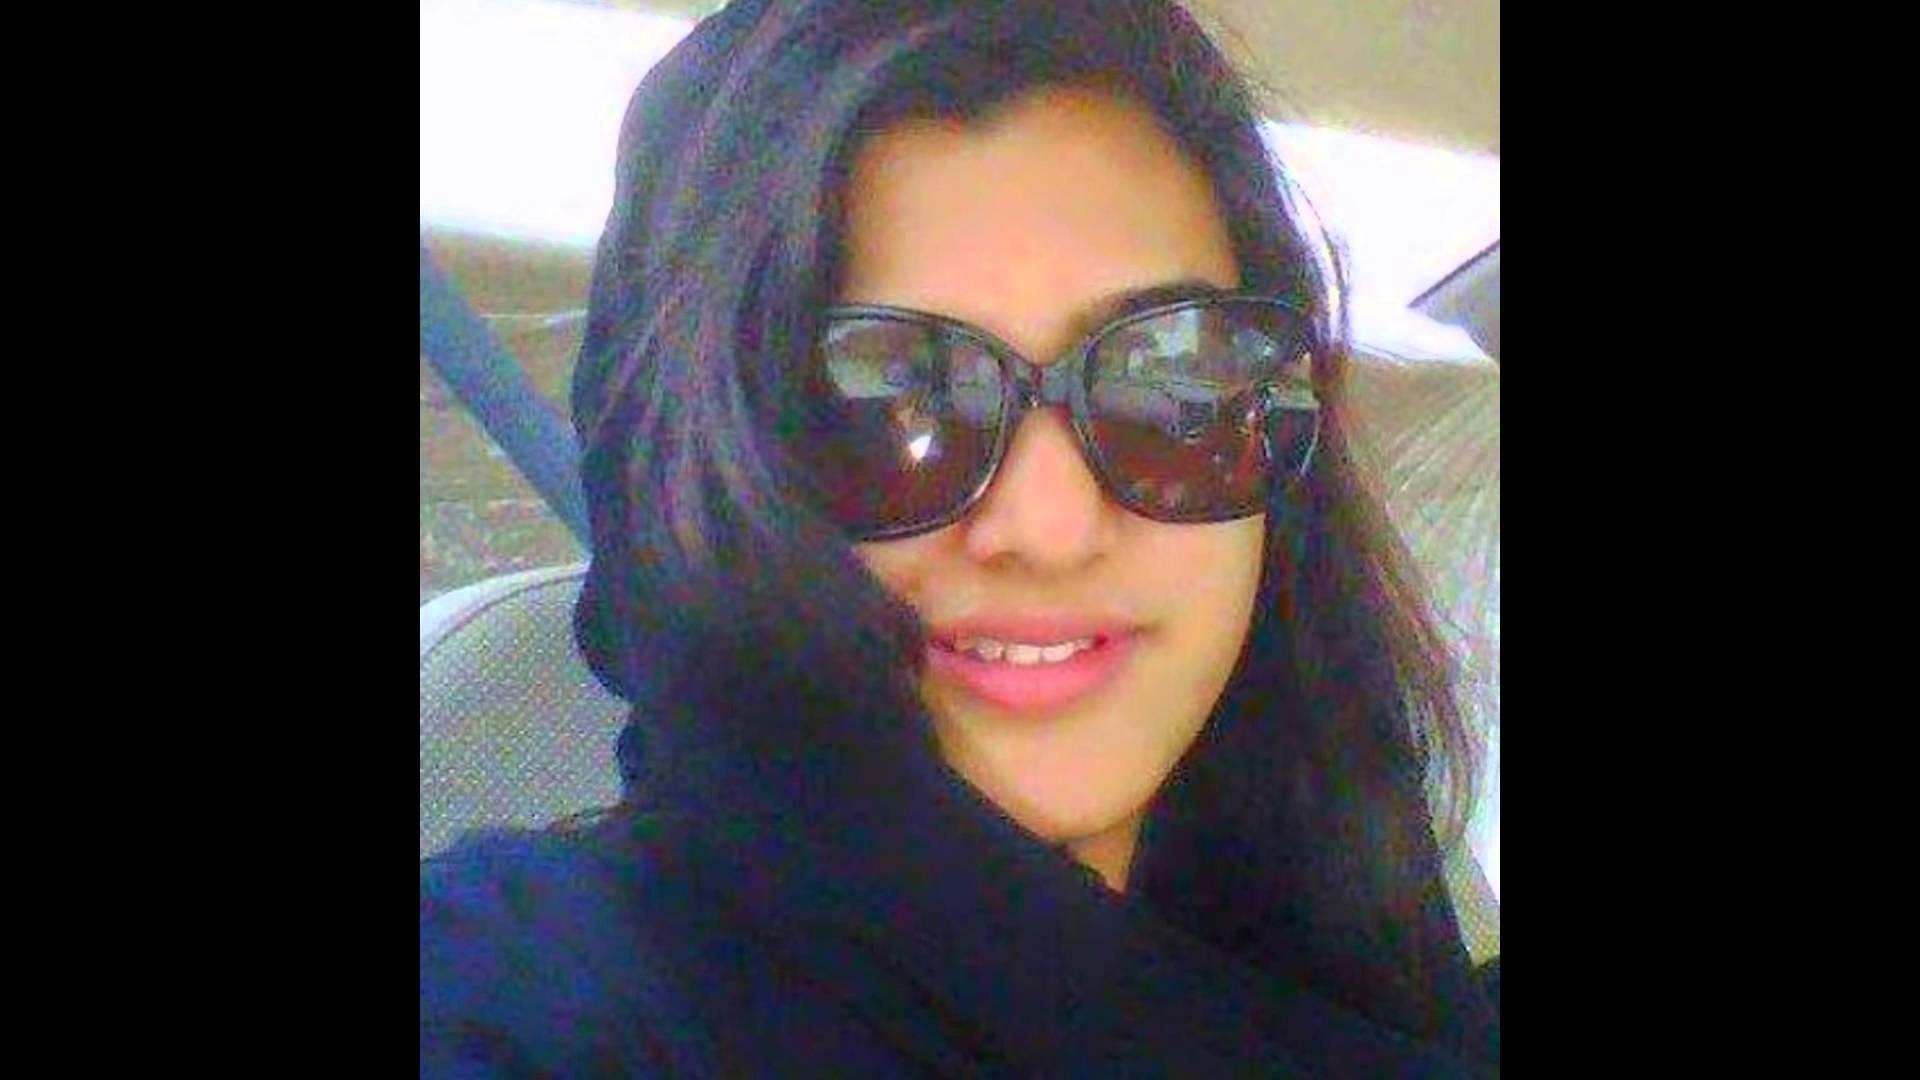 بالصور بنات يمنيات , تعرف على اجمل ملامح بنات اليمن 440 13